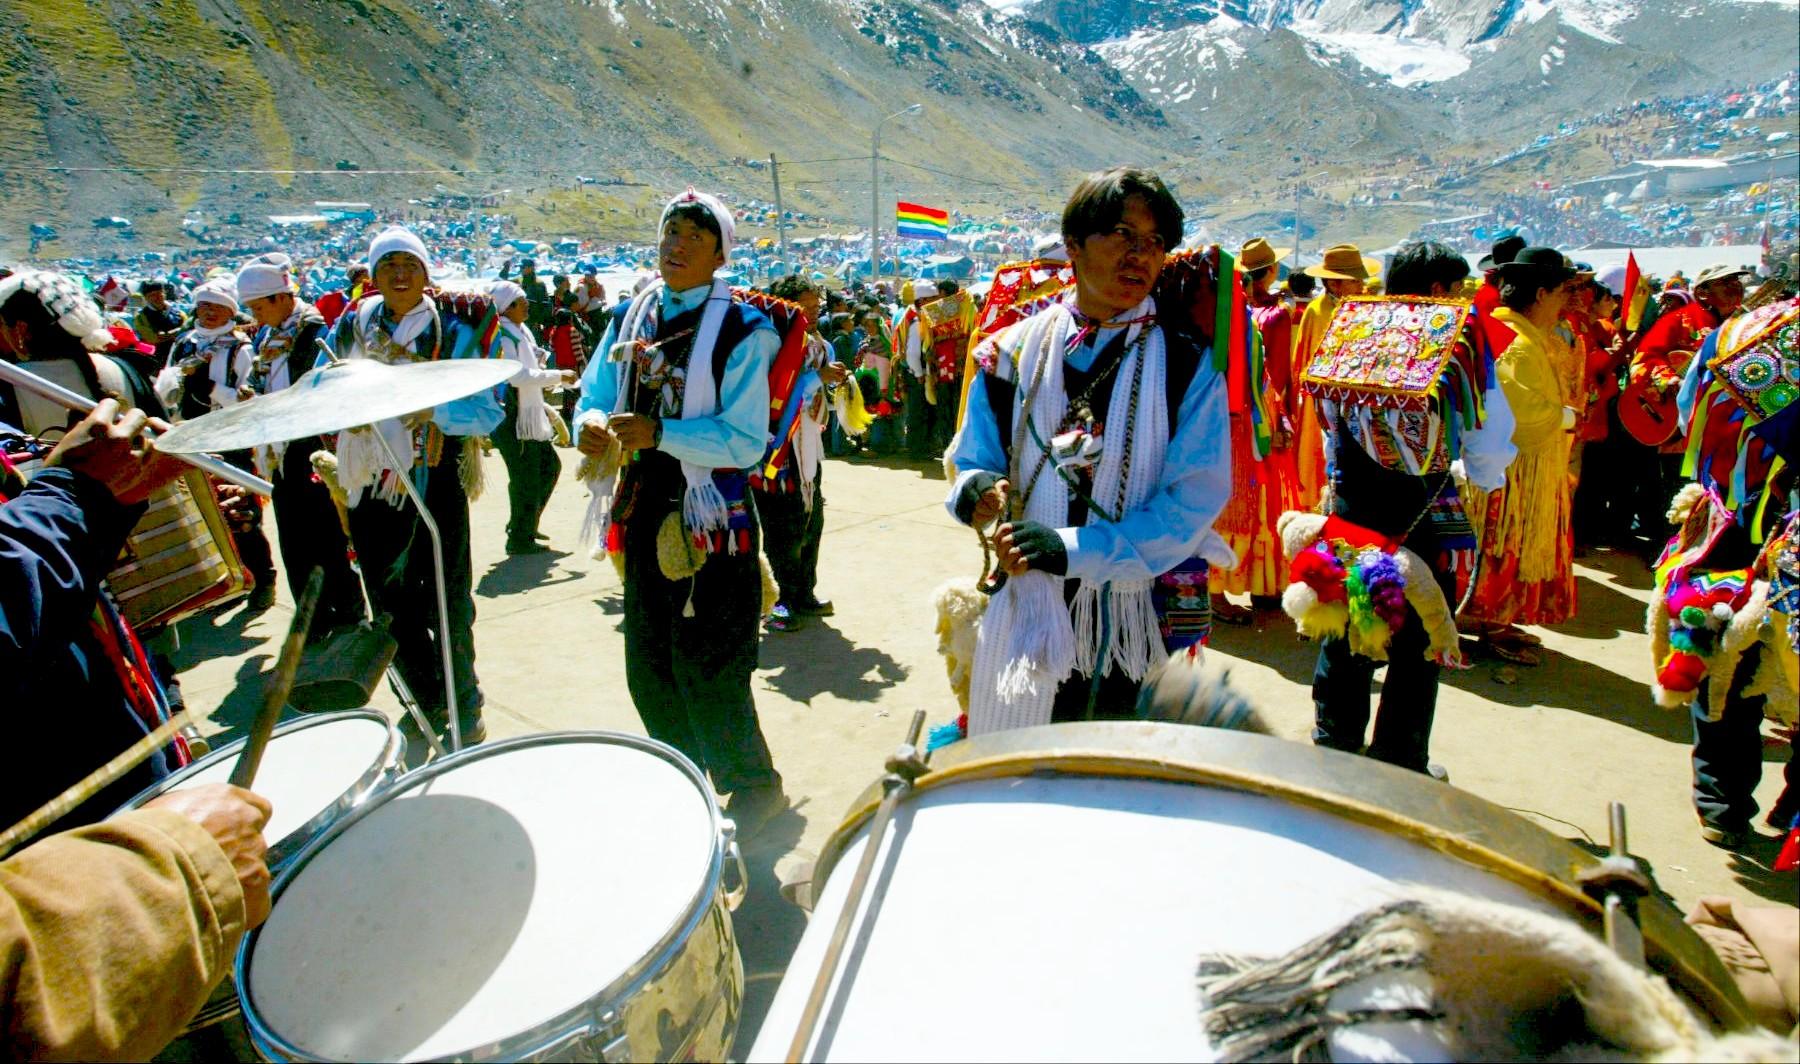 Festividad del Señor de Qoyllorit'i, gran Peregrinación en el Cusco, Perú (Pentecostés)